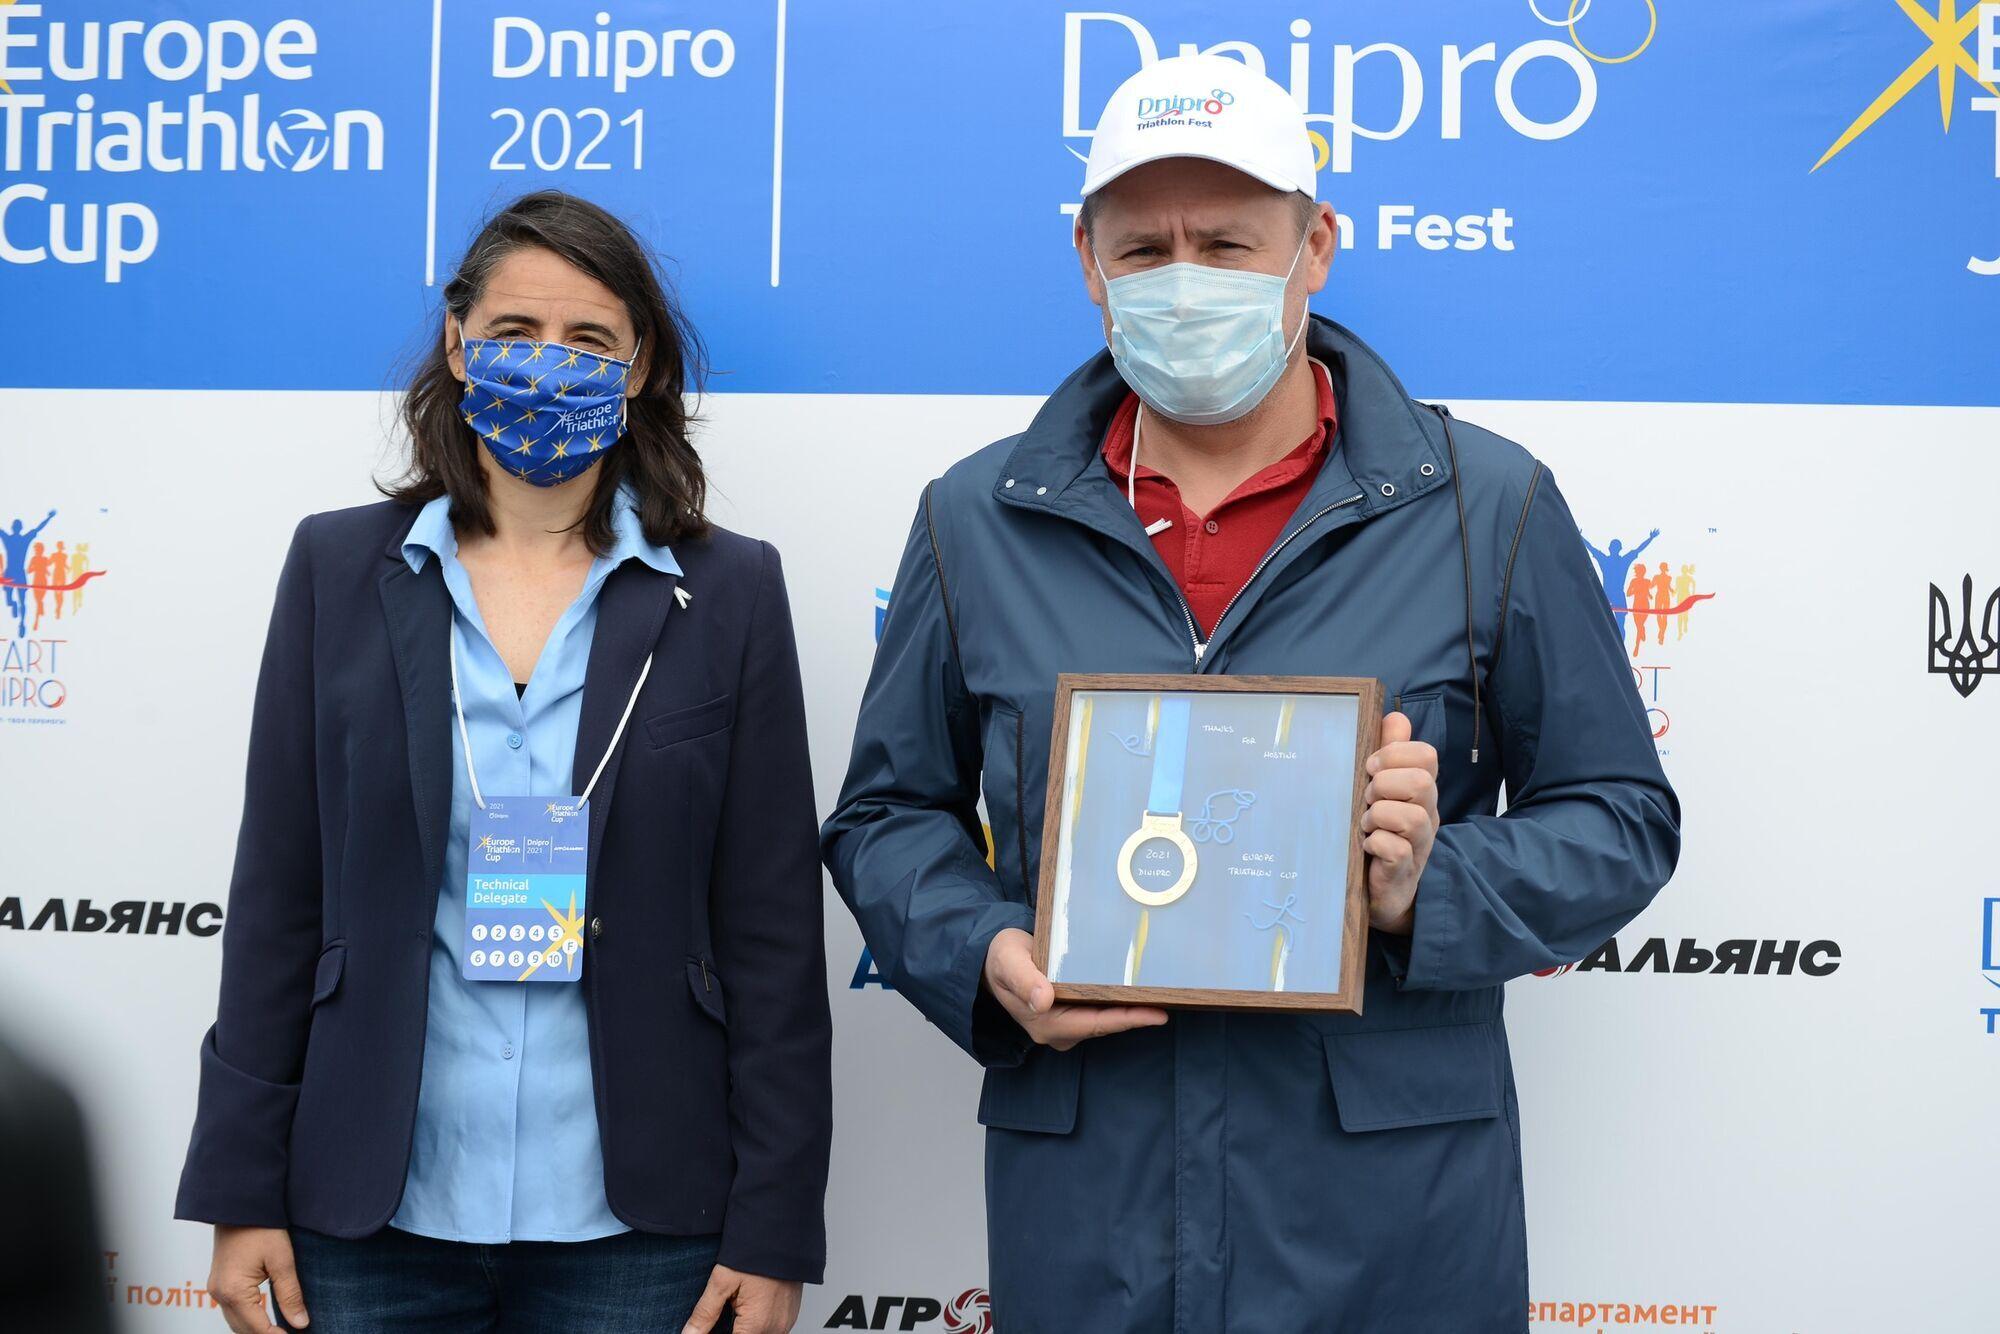 Представниця Європейського союзу триатлоністів назвала Дніпро столицею триатлонного фестивалю в Україні